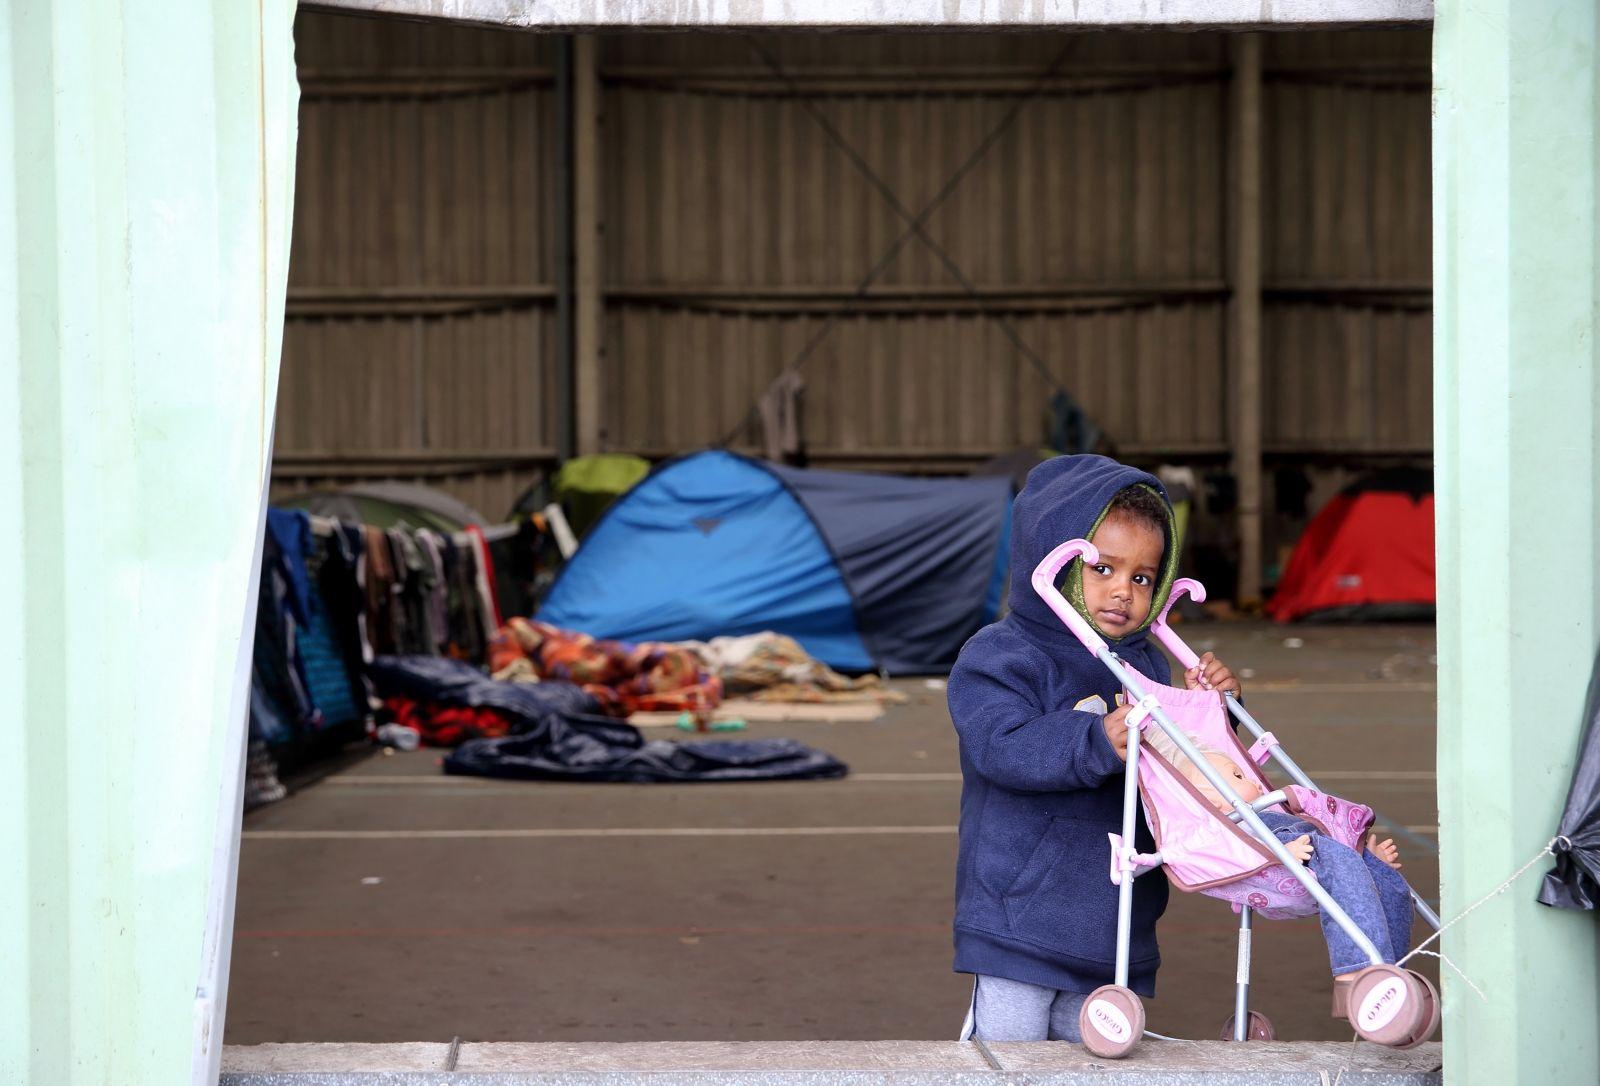 Calais migrant child